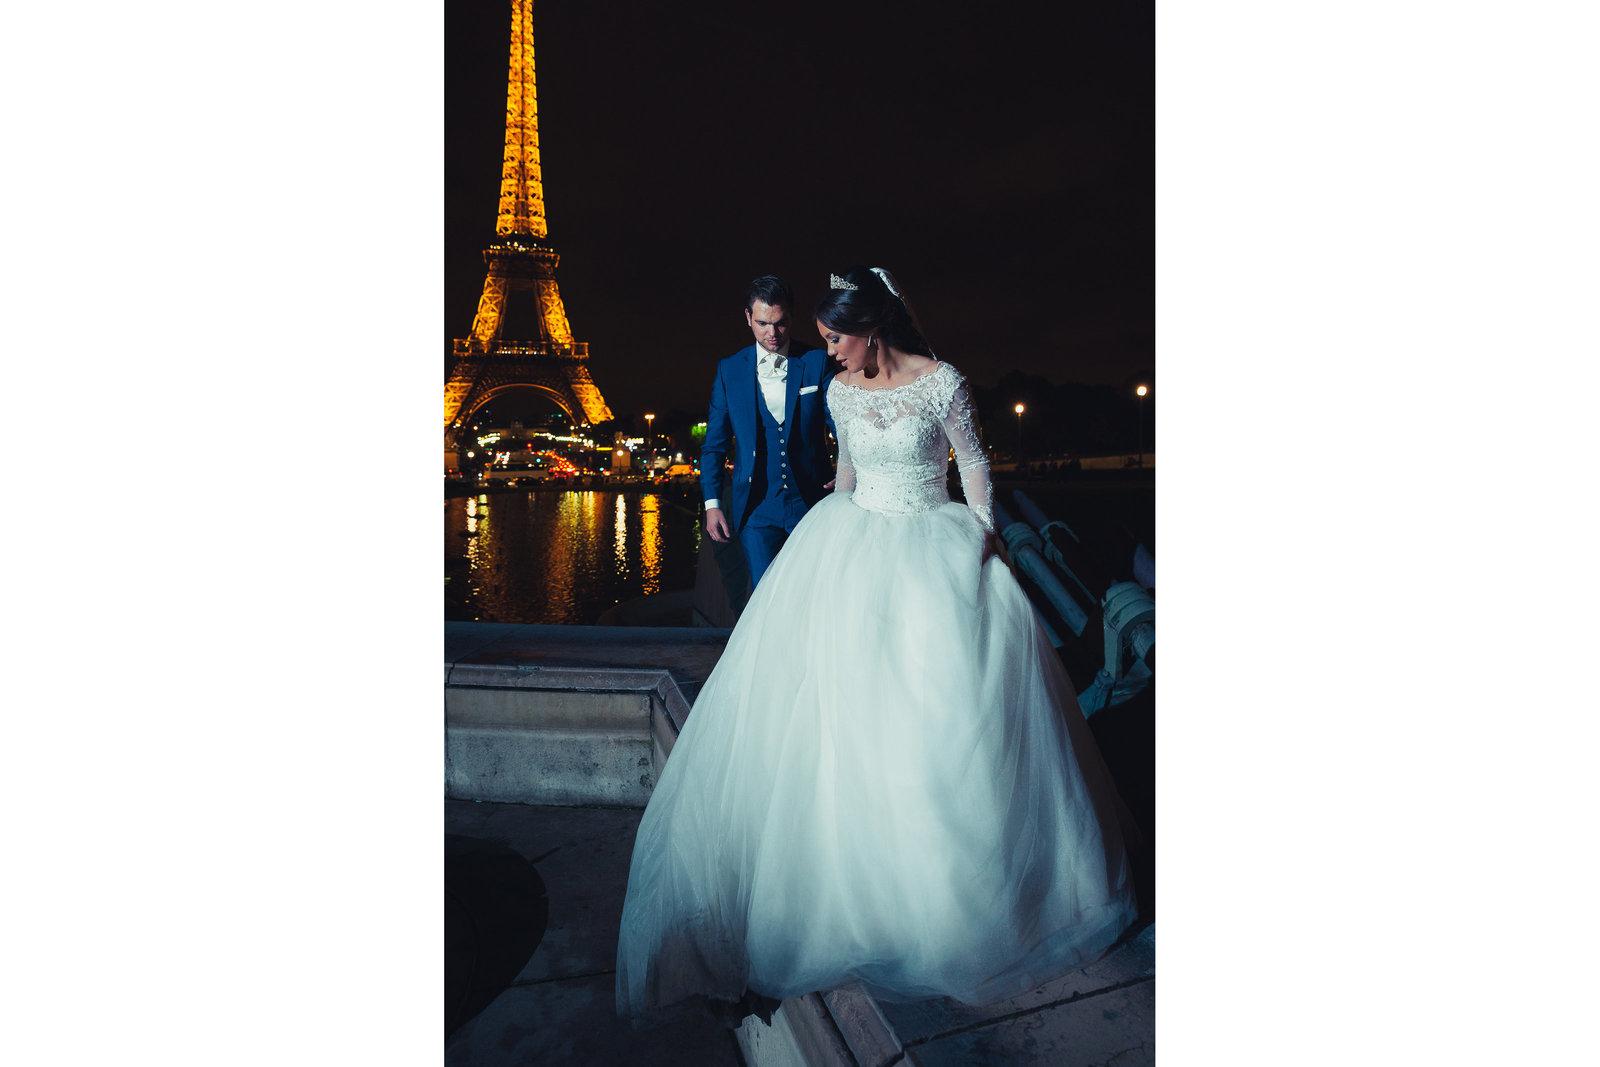 Een after wedding shoot bij de Eiffeltoren in Parijs. In de avond ziet de toren er mooi verlicht uit. Copyright Nanda Zee-Fritse | FOTOZEE